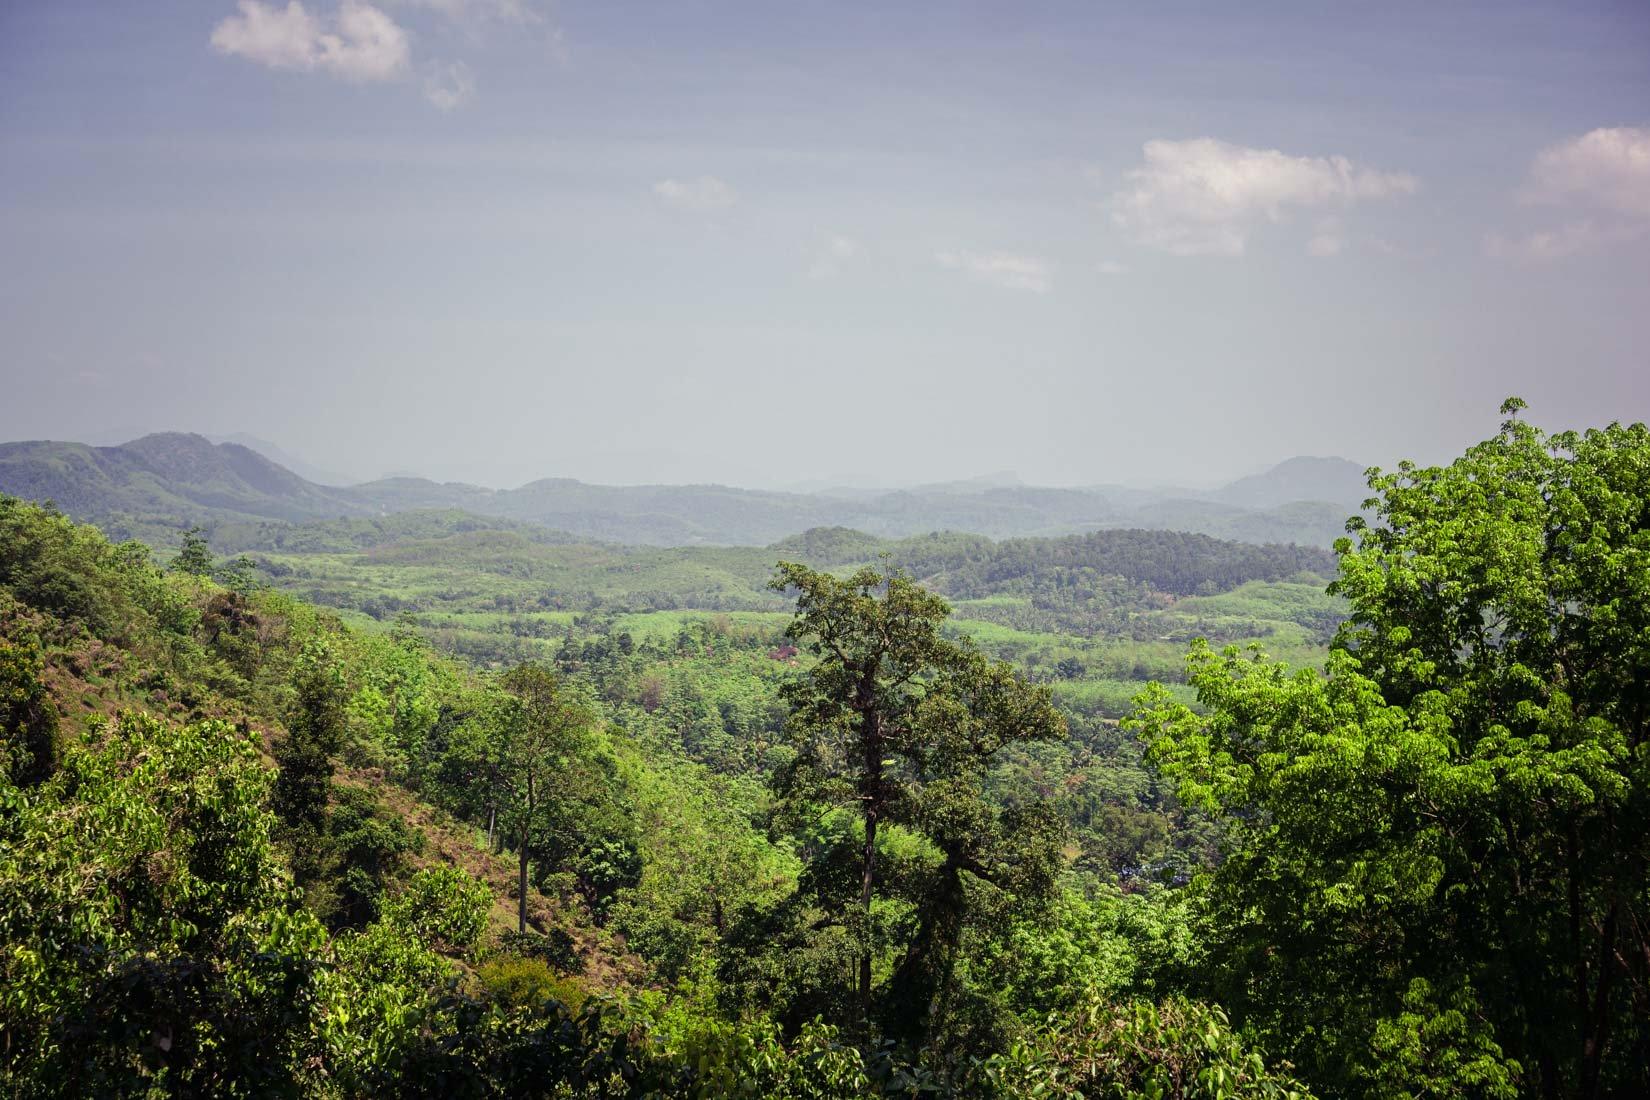 La meilleure cannelle de Ceylan se trouve sur une colline au cœur d'une nature intacte